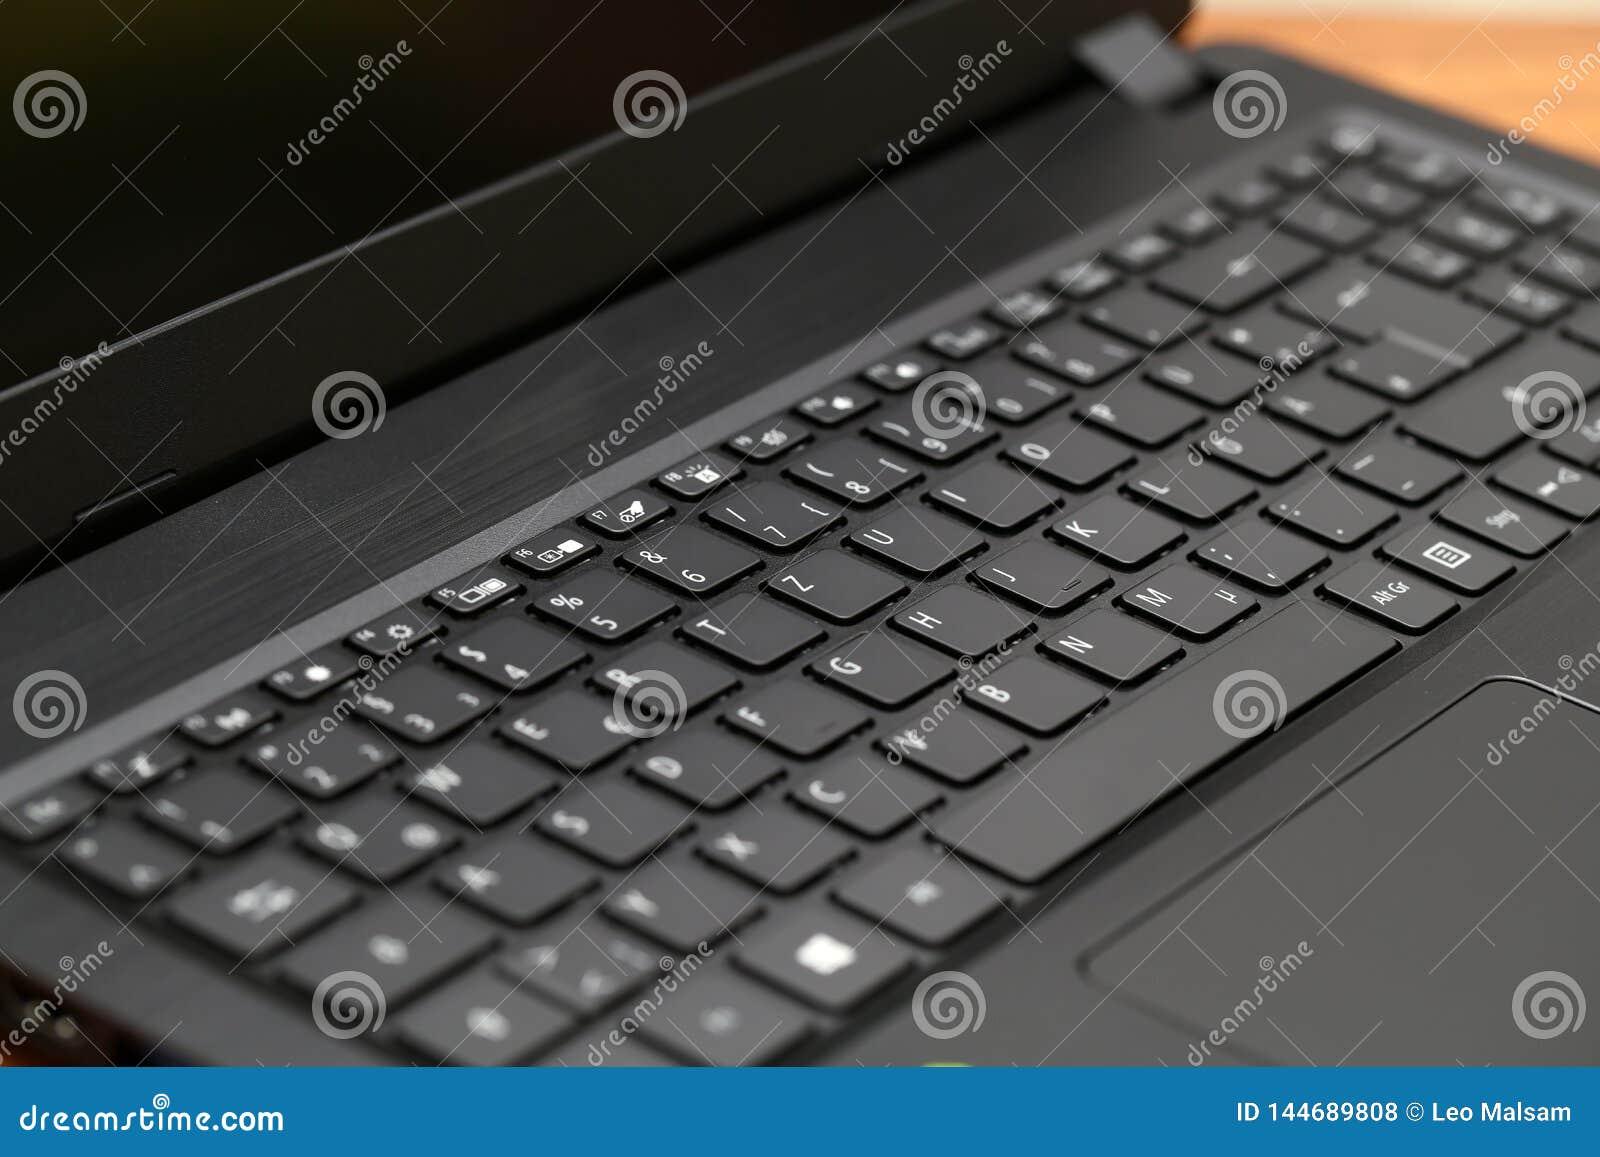 Клавиатура ноутбука, черная клавиатура Конец клавиатуры вверх